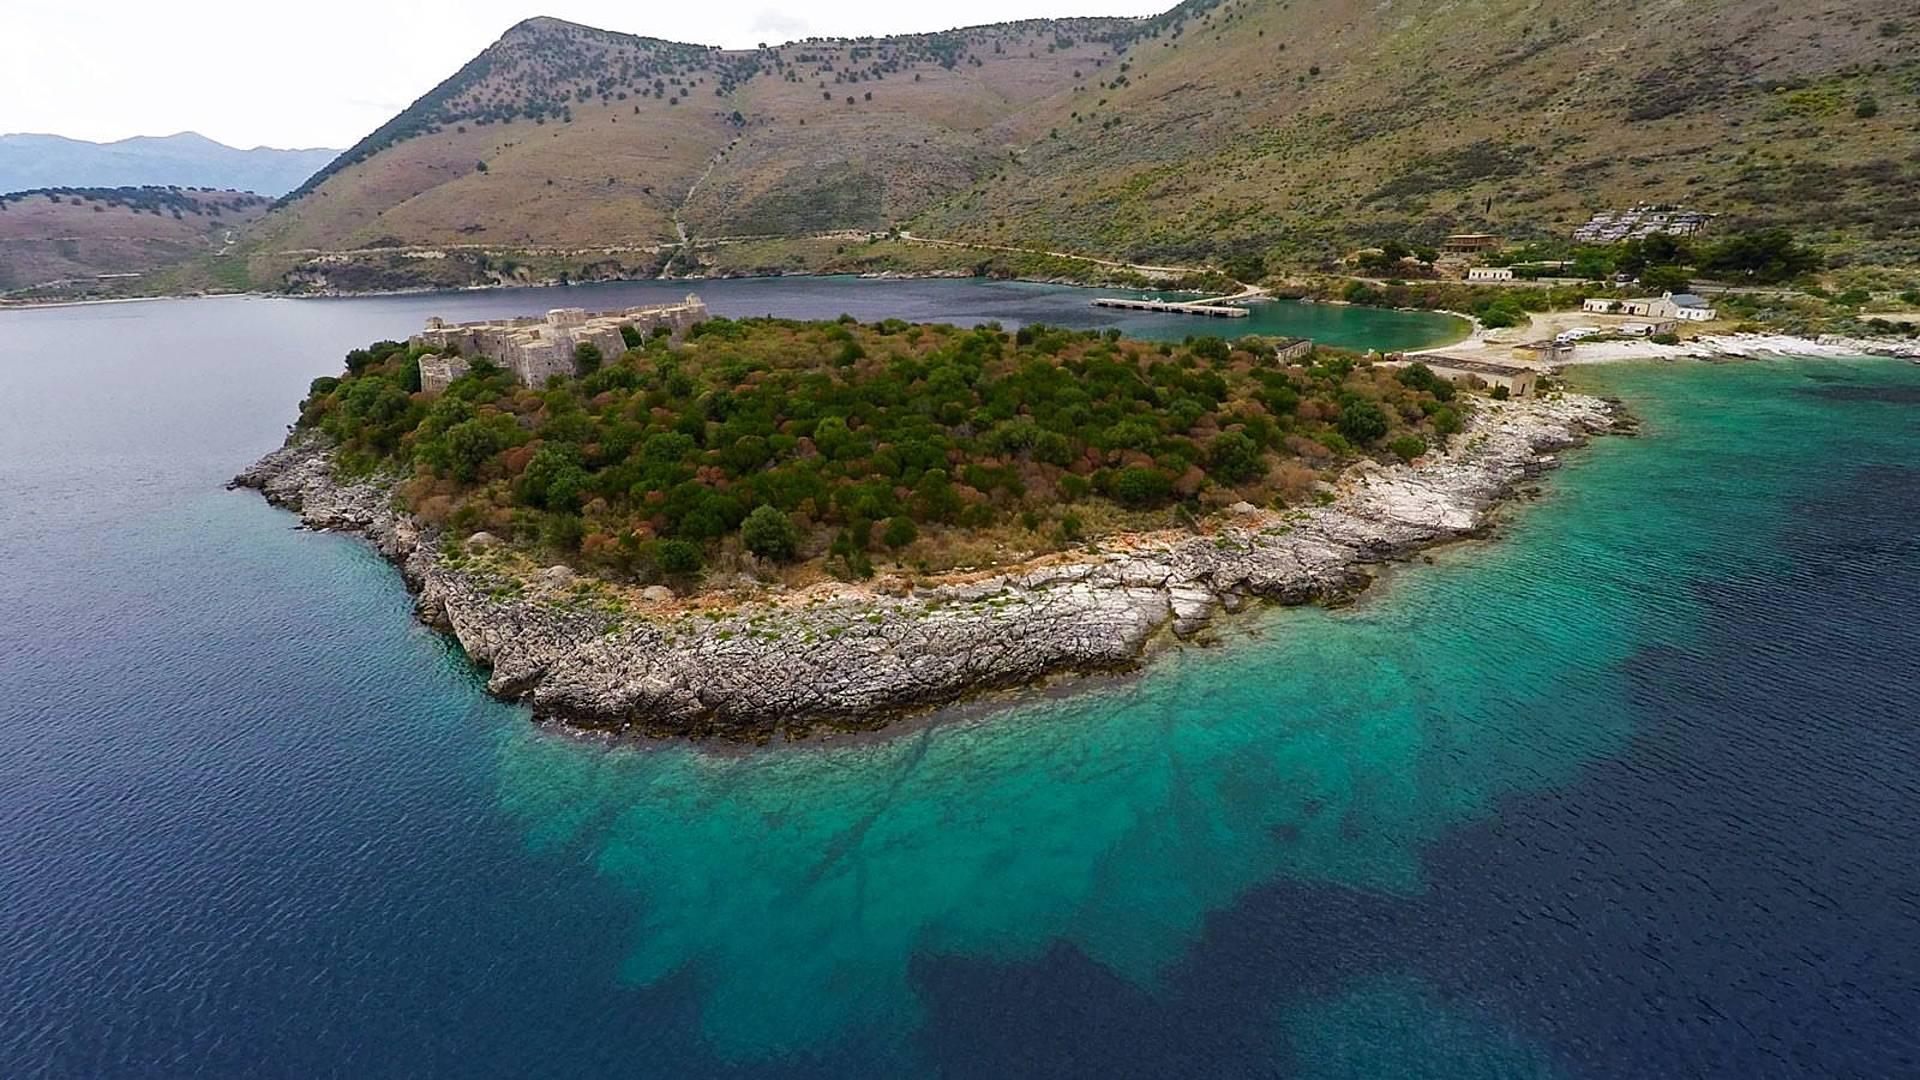 Le Monténégro en passant par la côté albanaise